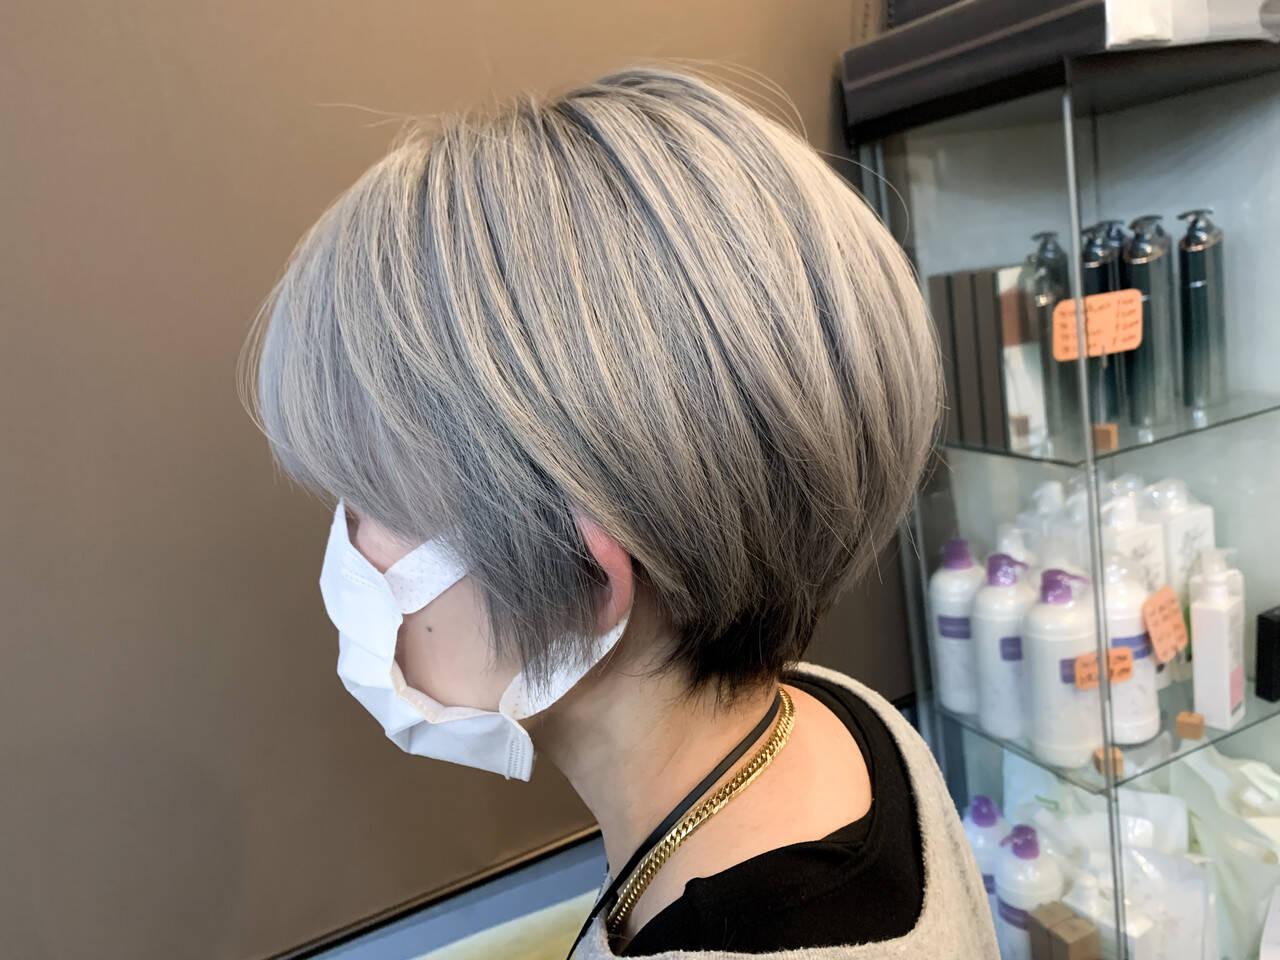 グレージュ 外国人風カラー ナチュラル ショートボブヘアスタイルや髪型の写真・画像